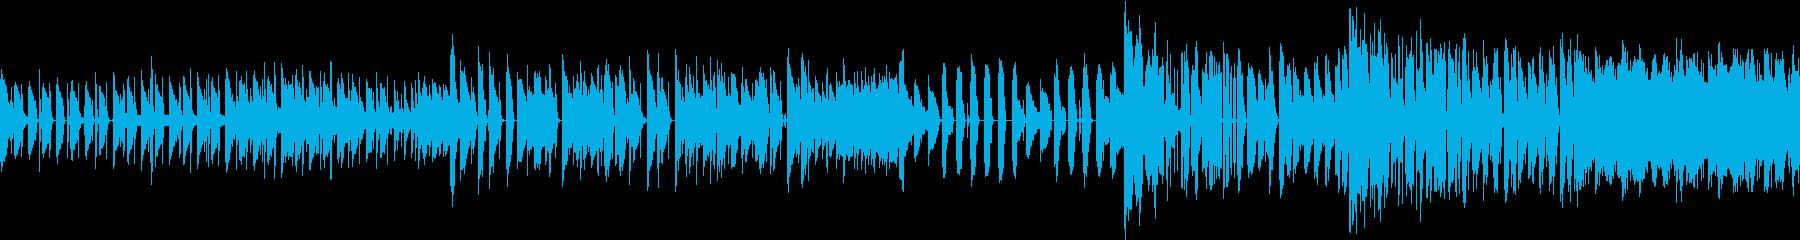 アクションゲームで使えるBGMです。の再生済みの波形